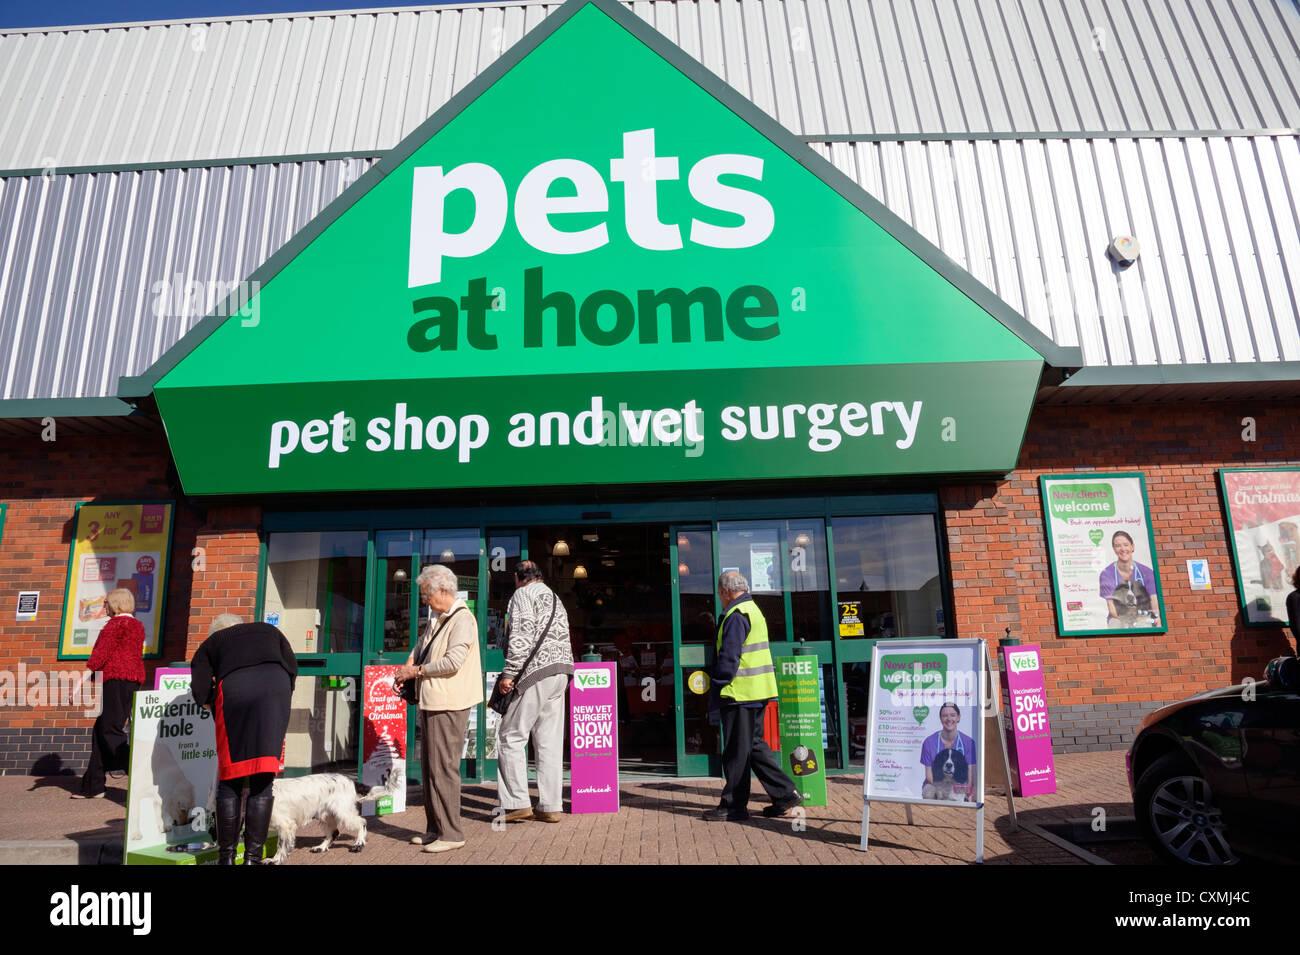 Animaux domestiques à la maison, magasin à Cheltenham, Royaume-Uni. Photo Stock